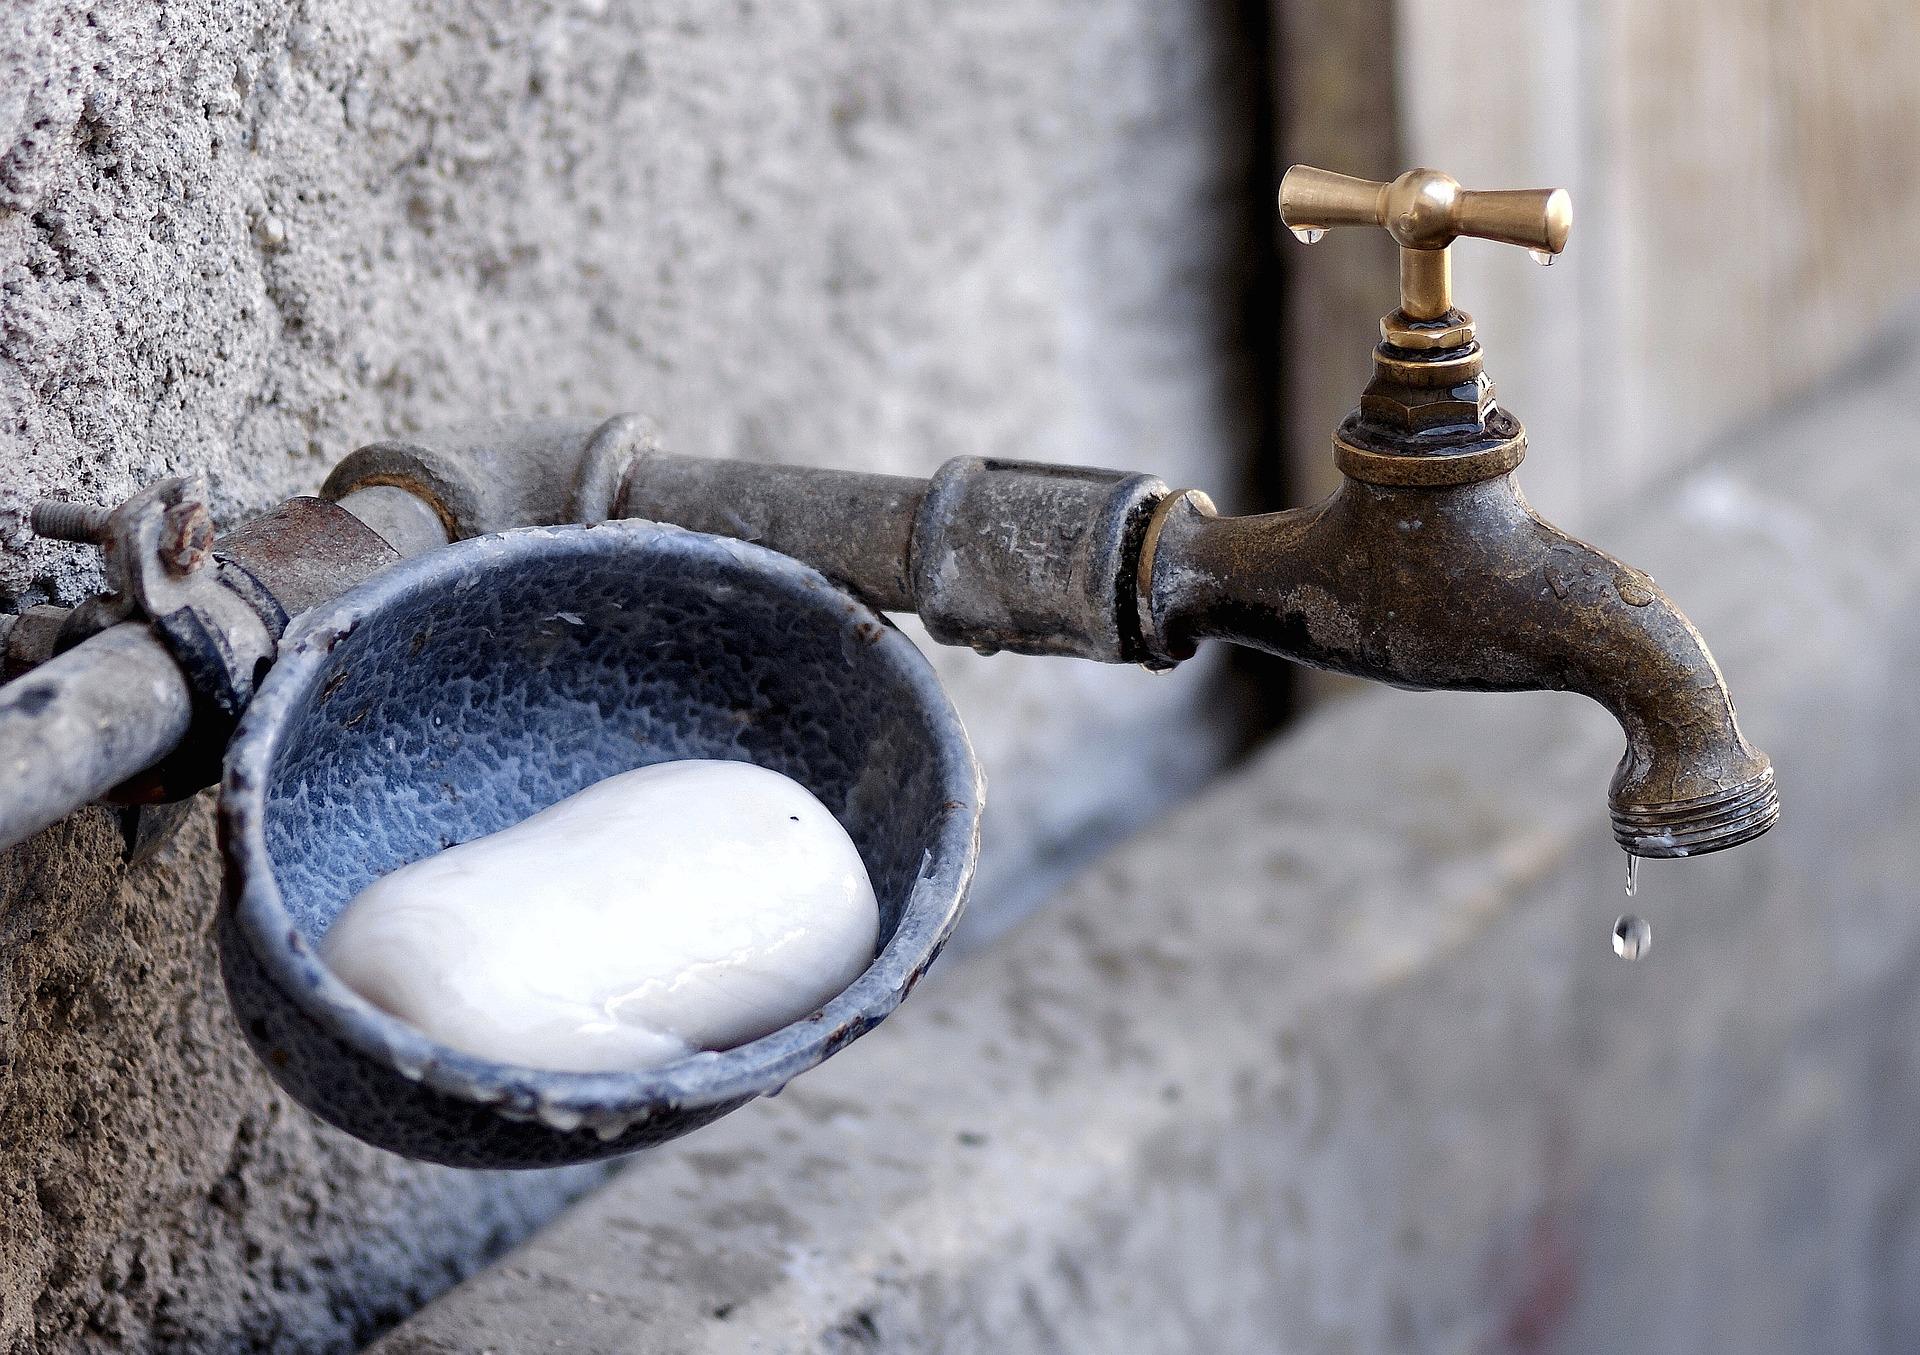 Puits : Utiliser 1 robinet extérieur ou arroser mon jardin